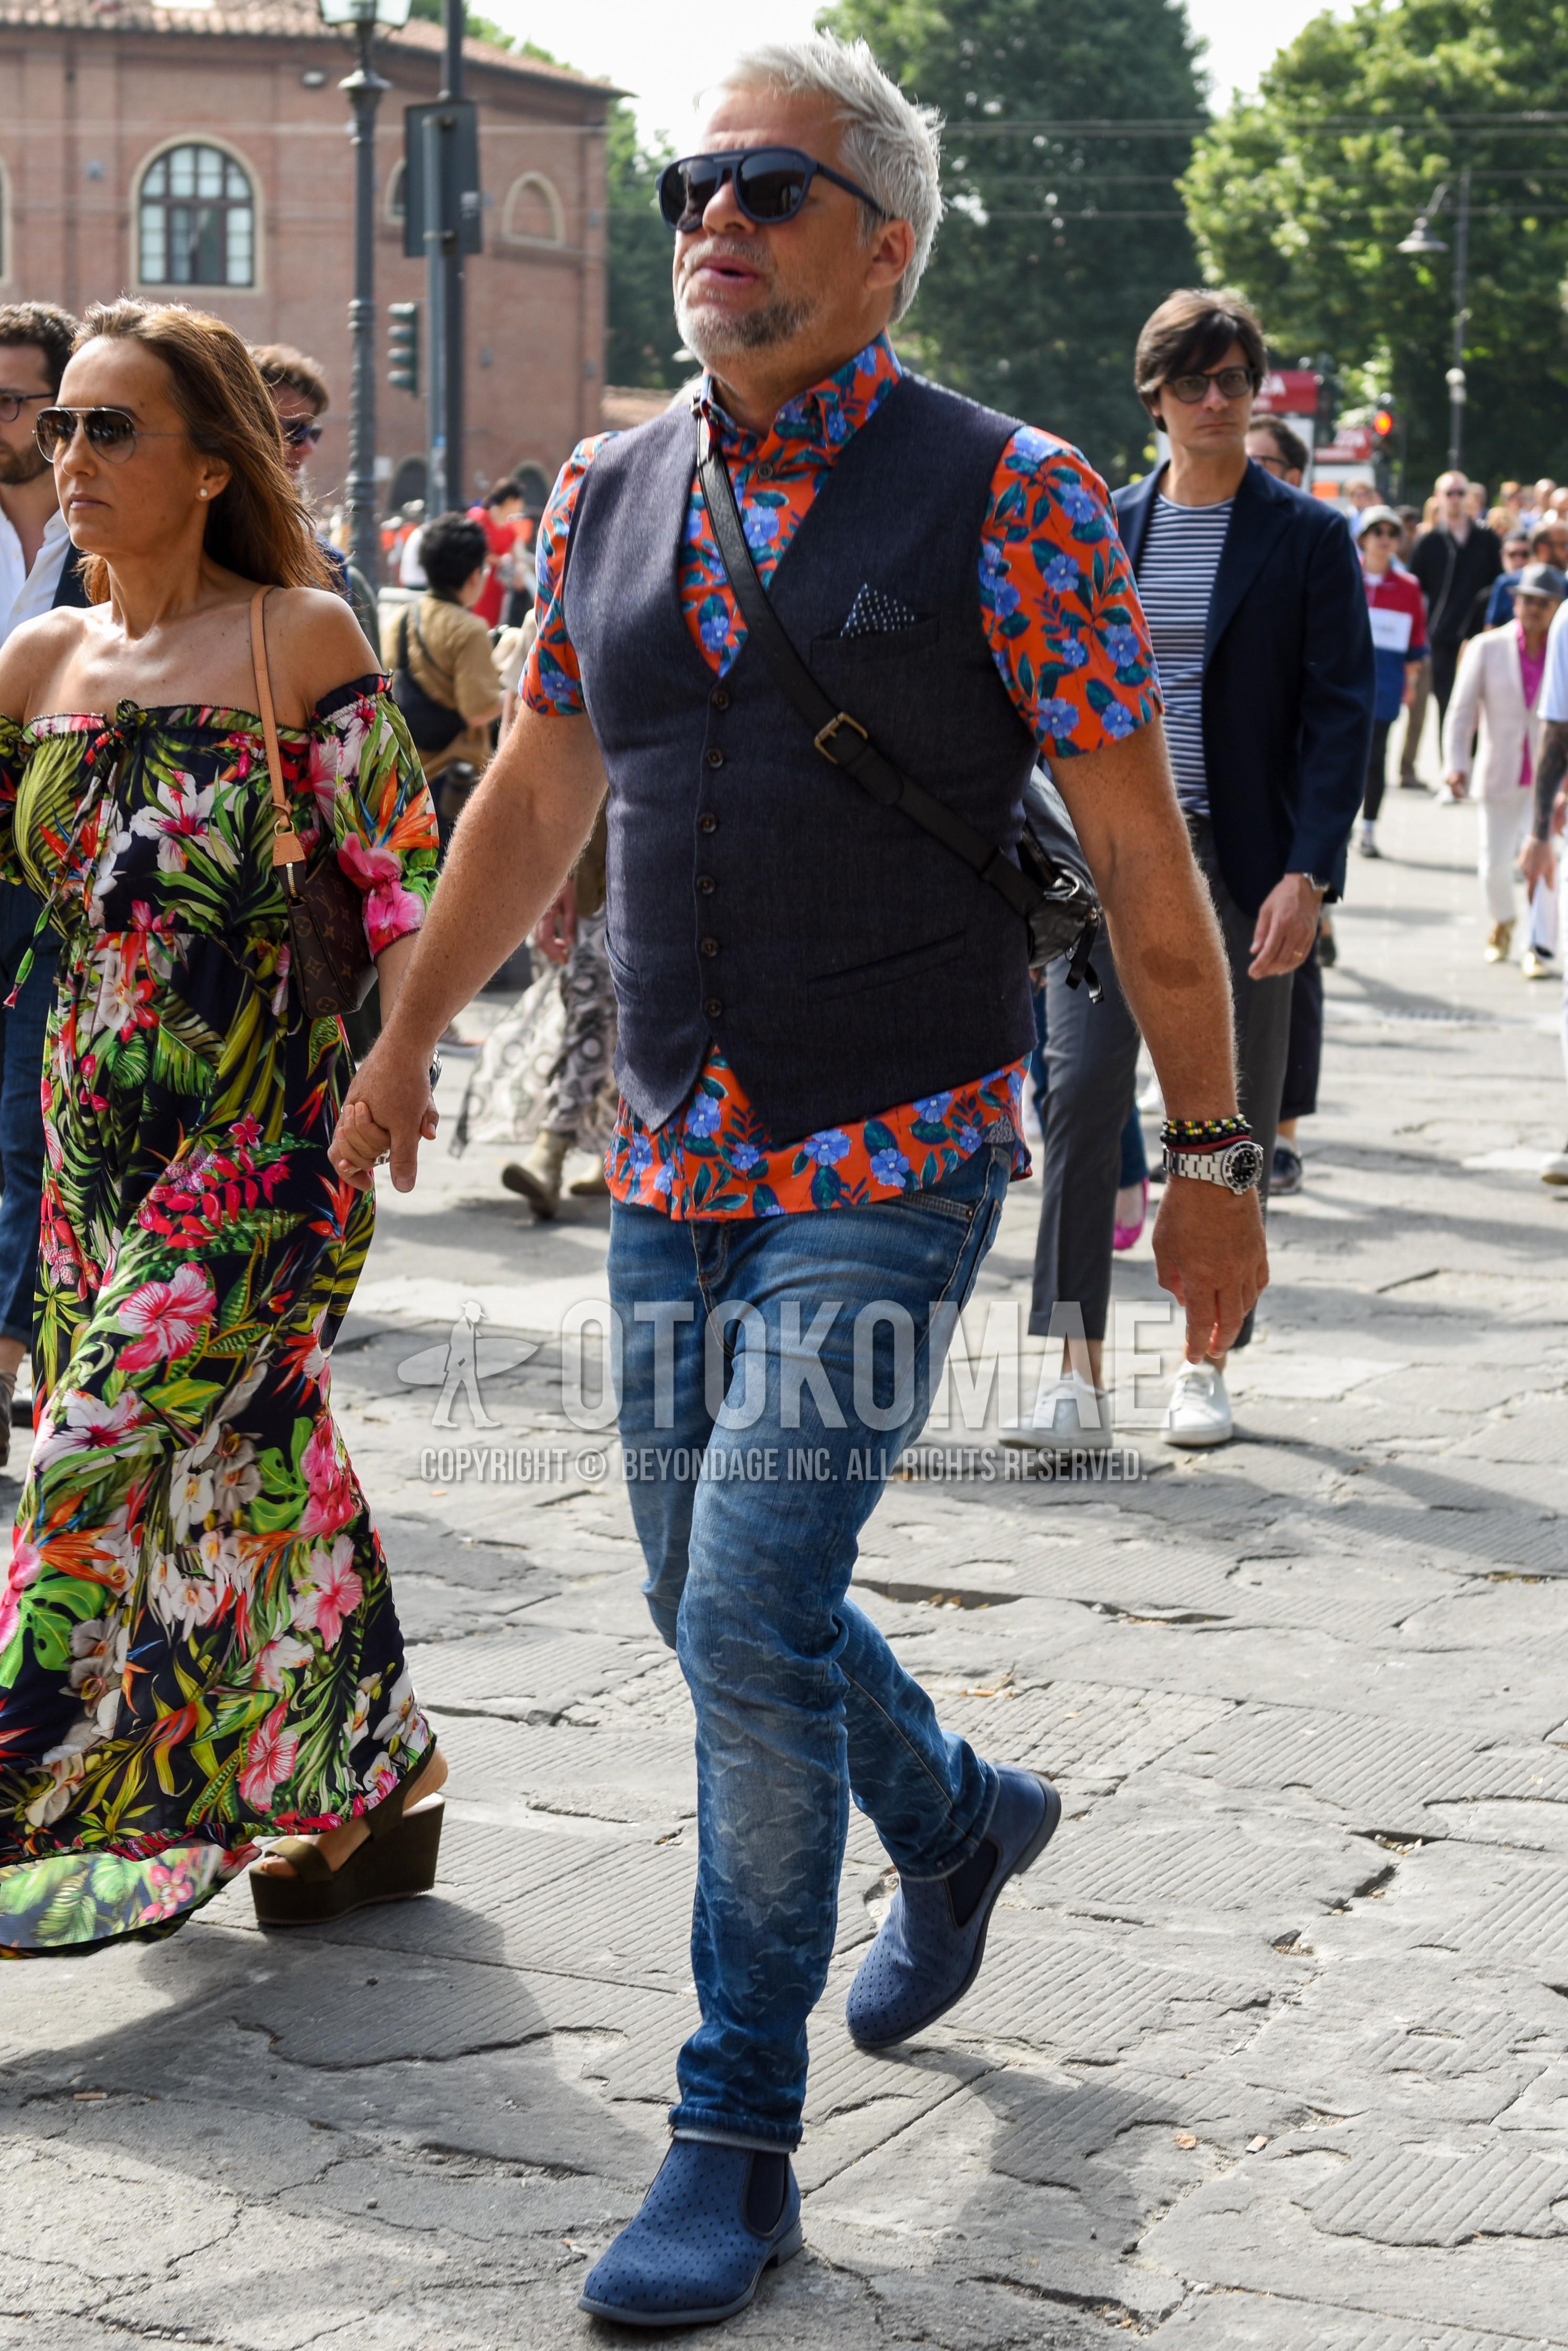 黒無地のサングラス、レッド・ブルートップス/インナーのTシャツ、ダークグレー無地のジレ、ブルー無地のデニム/ジーンズ、ブルーサイドゴアのブーツを合わせた夏のメンズコーデ・着こなし。